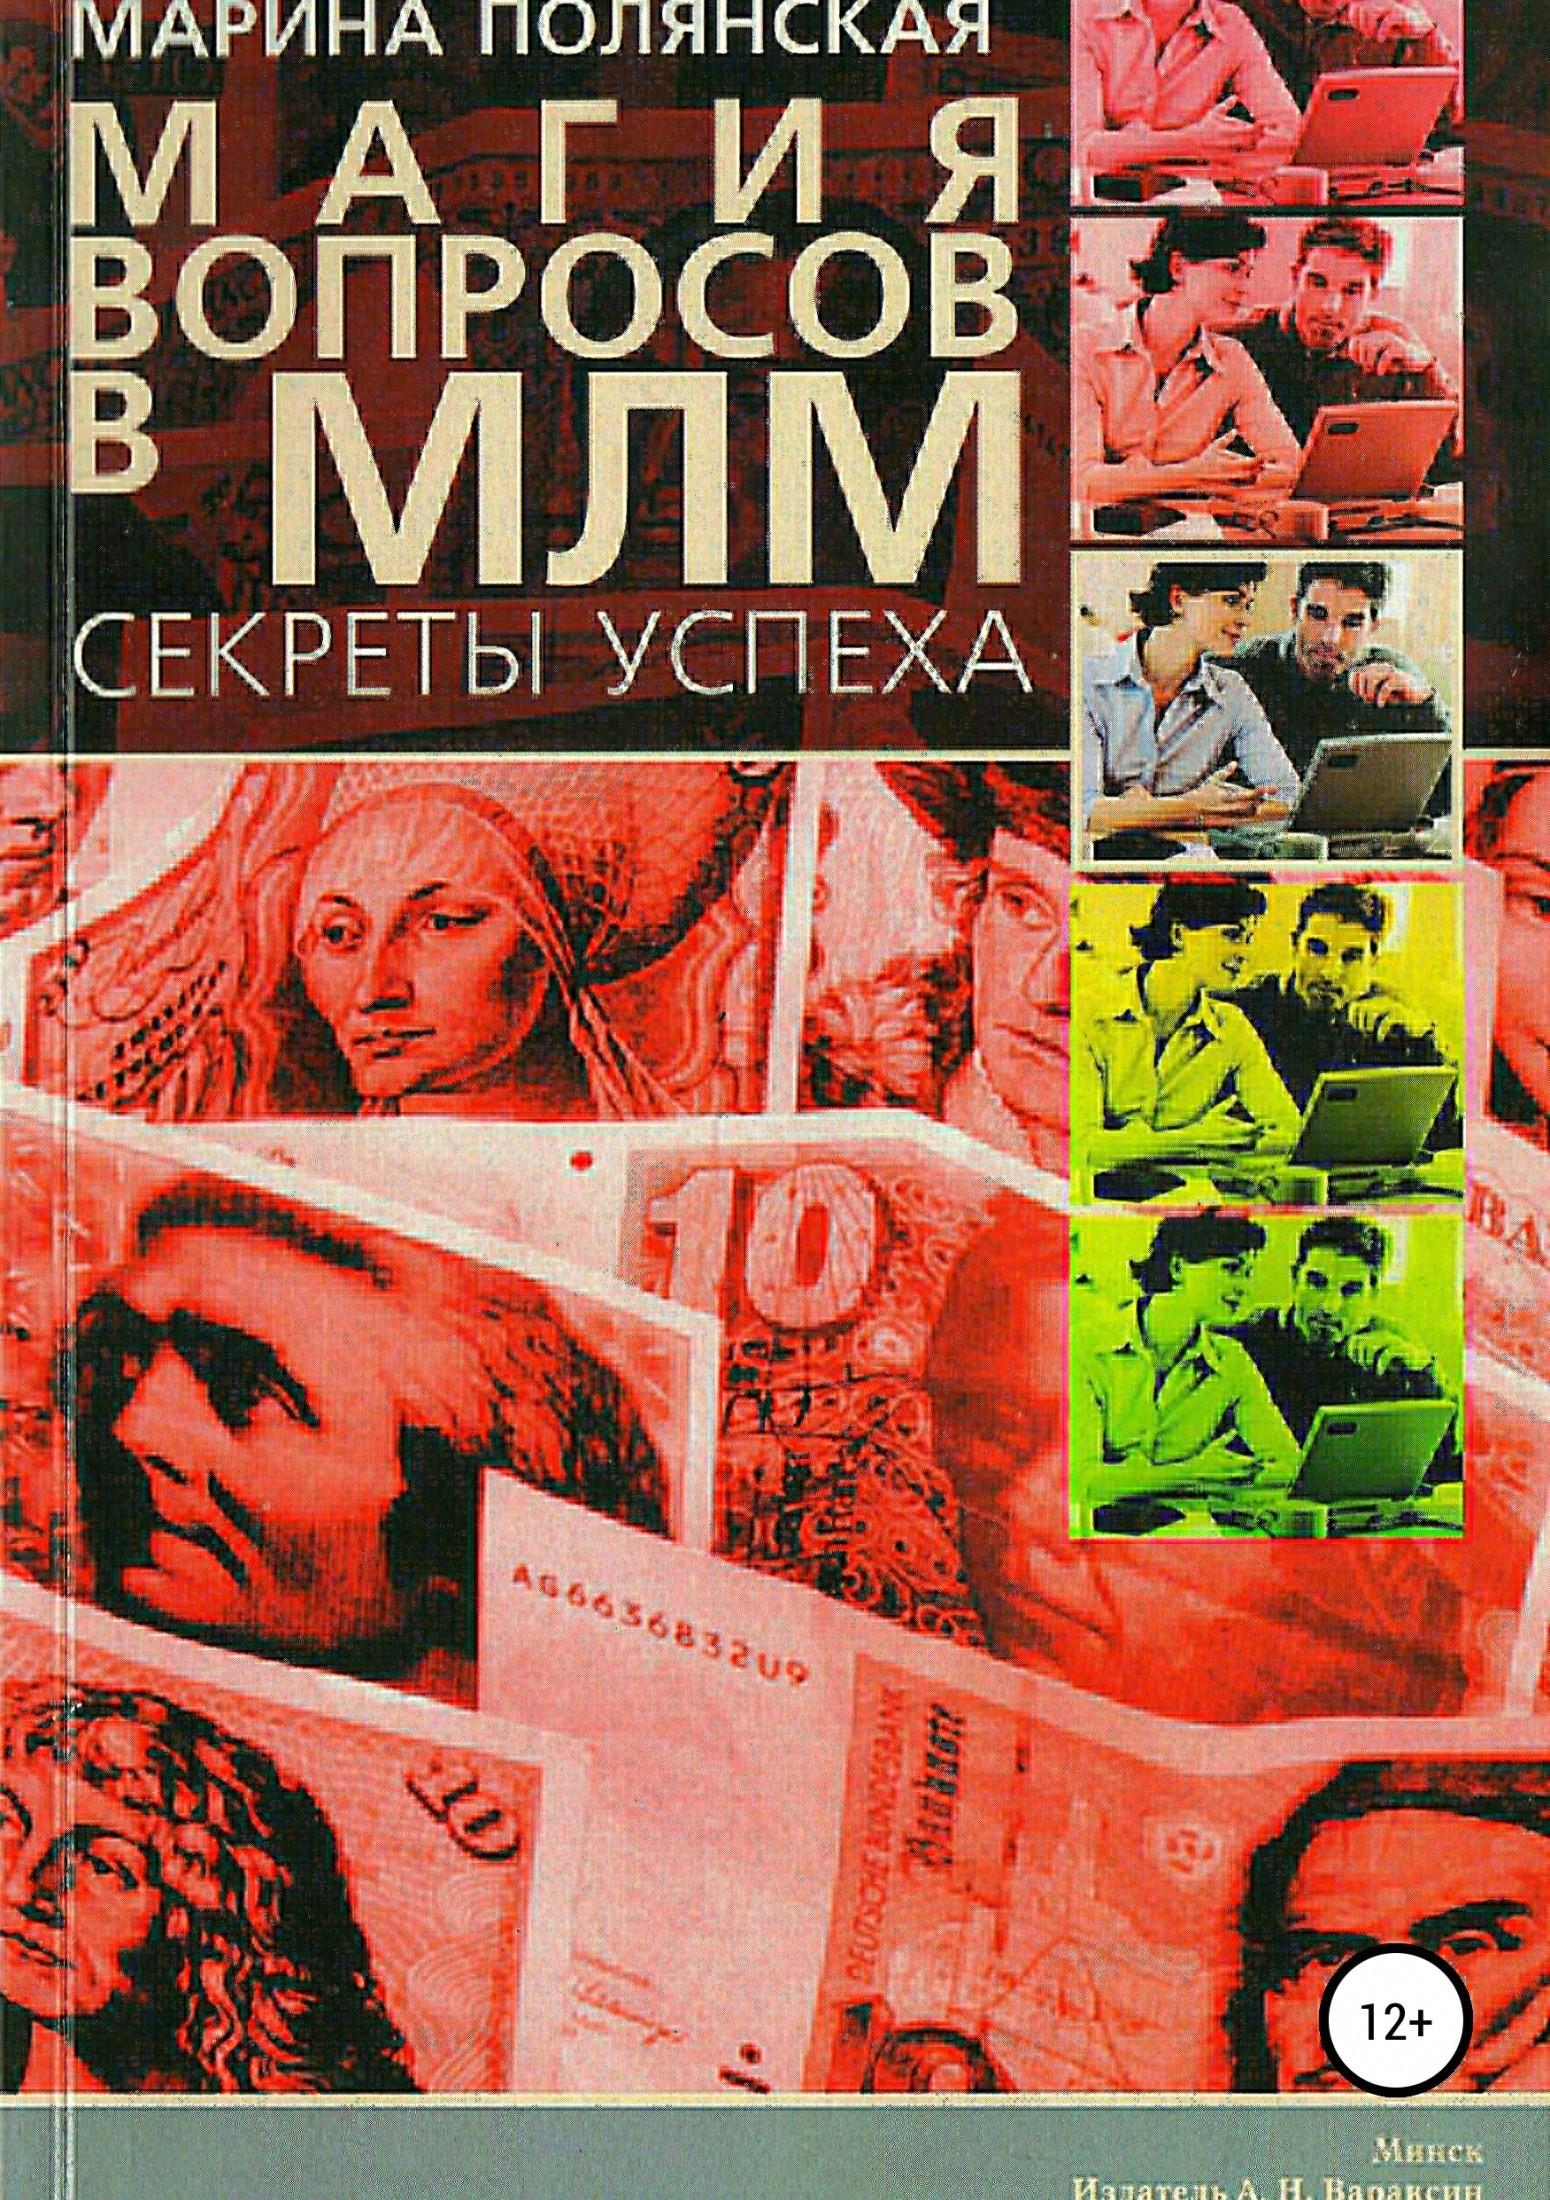 Обложка книги. Автор - Марина Полянская